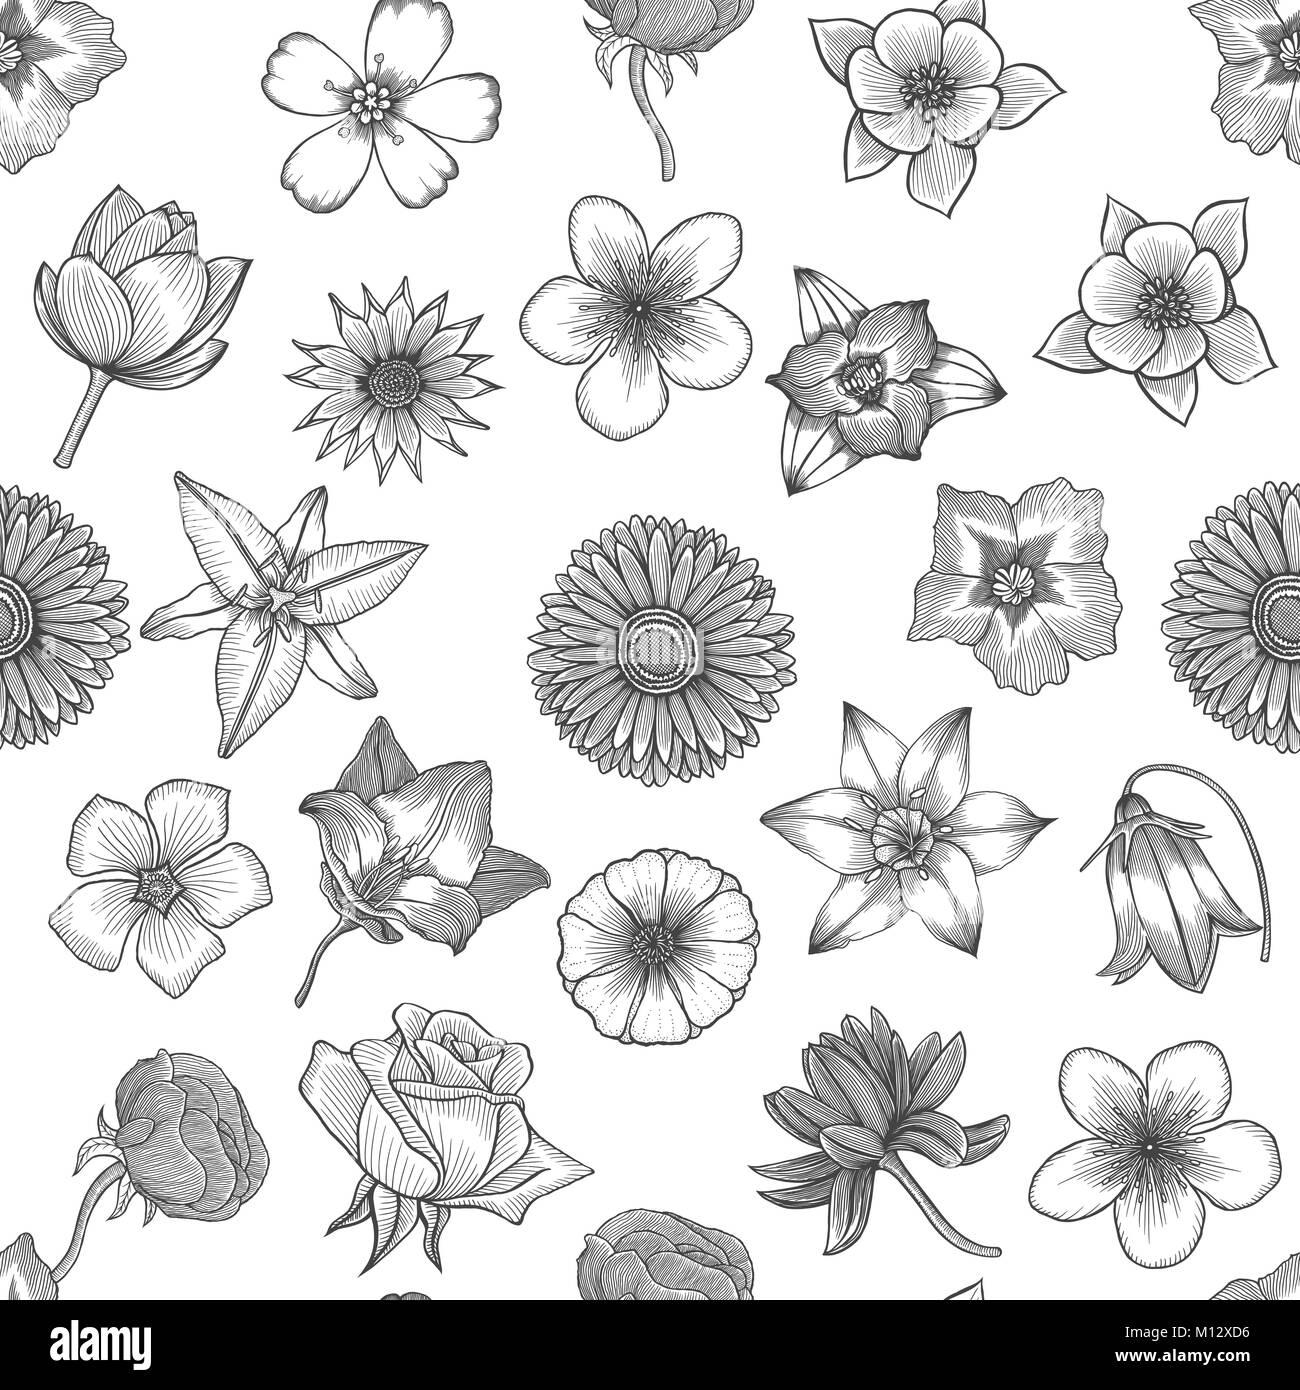 Fleurs De Printemps Motif Floral Transparent Background Dessin A La